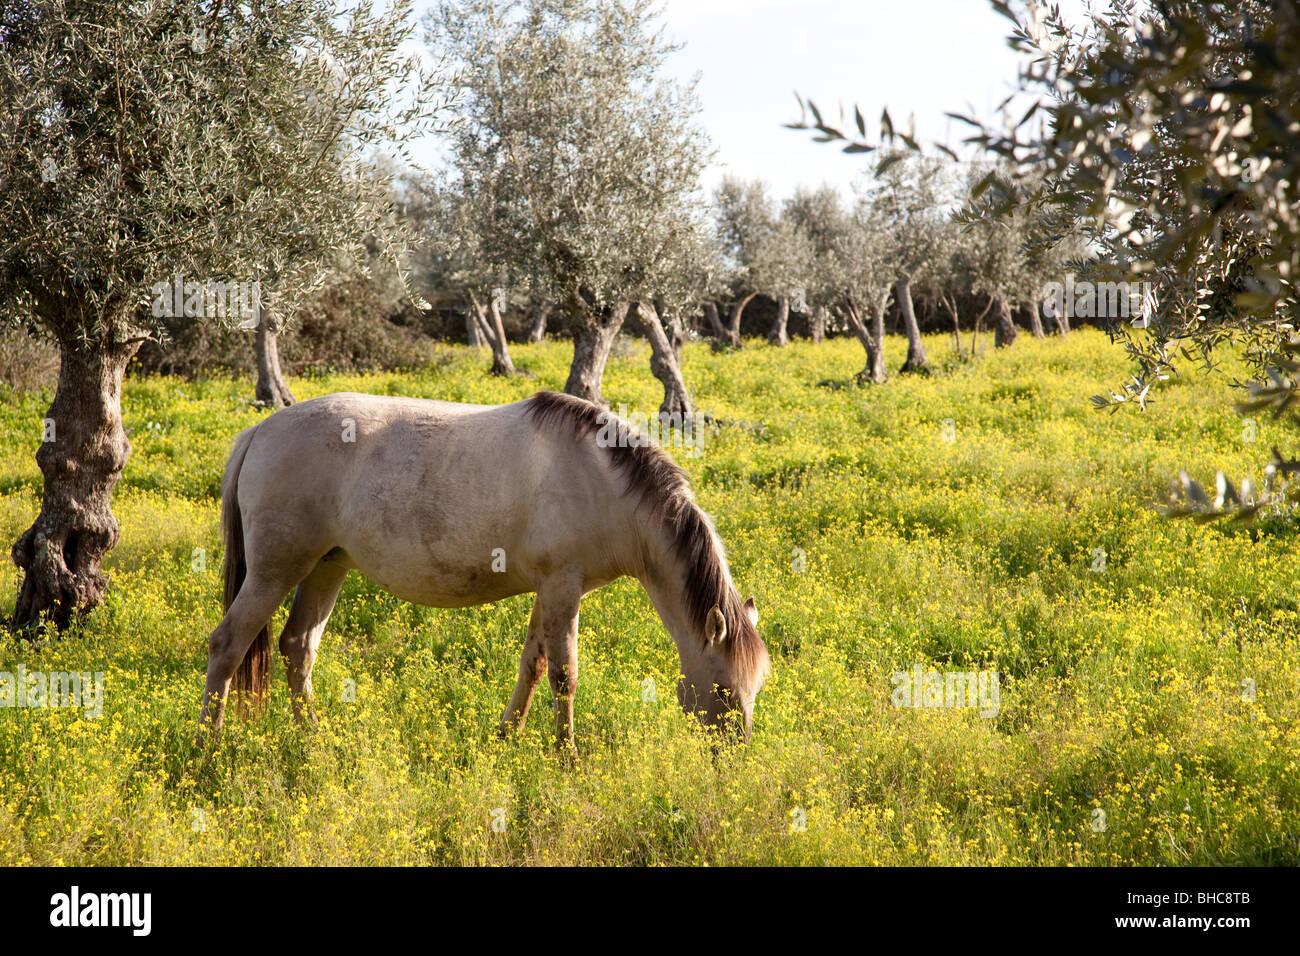 Pregnant mare from the Alter Real bred (Lusitano Horse), in Coudelaria de Alter. Alter do Chão, Portalegre, Portugal. Stock Photo